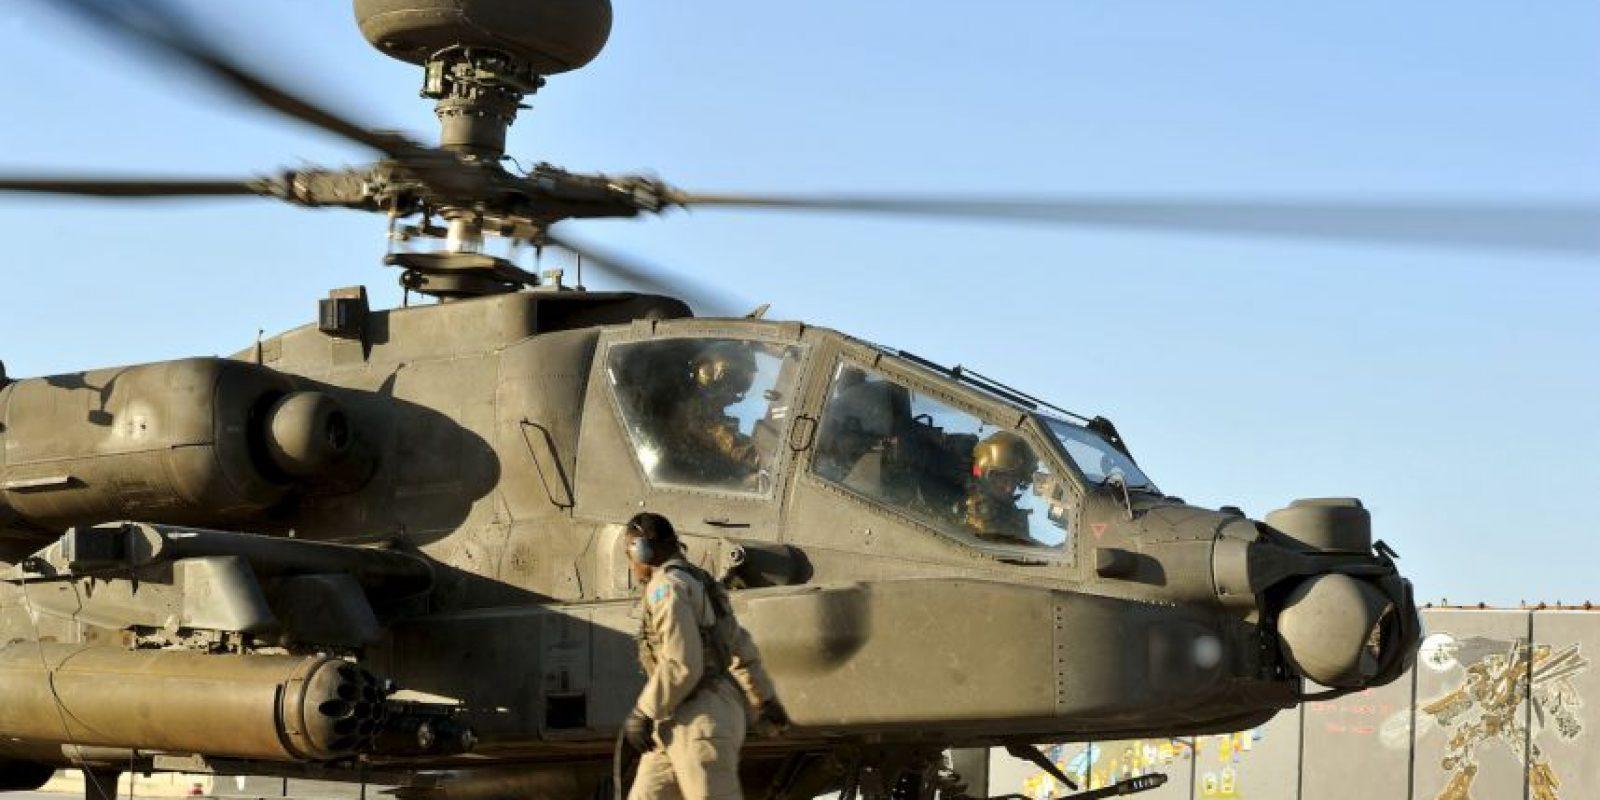 La provincia de Helmand de Afganistán podría caer en manos de los talibanes después de meses de intensos combates Foto:Getty Images